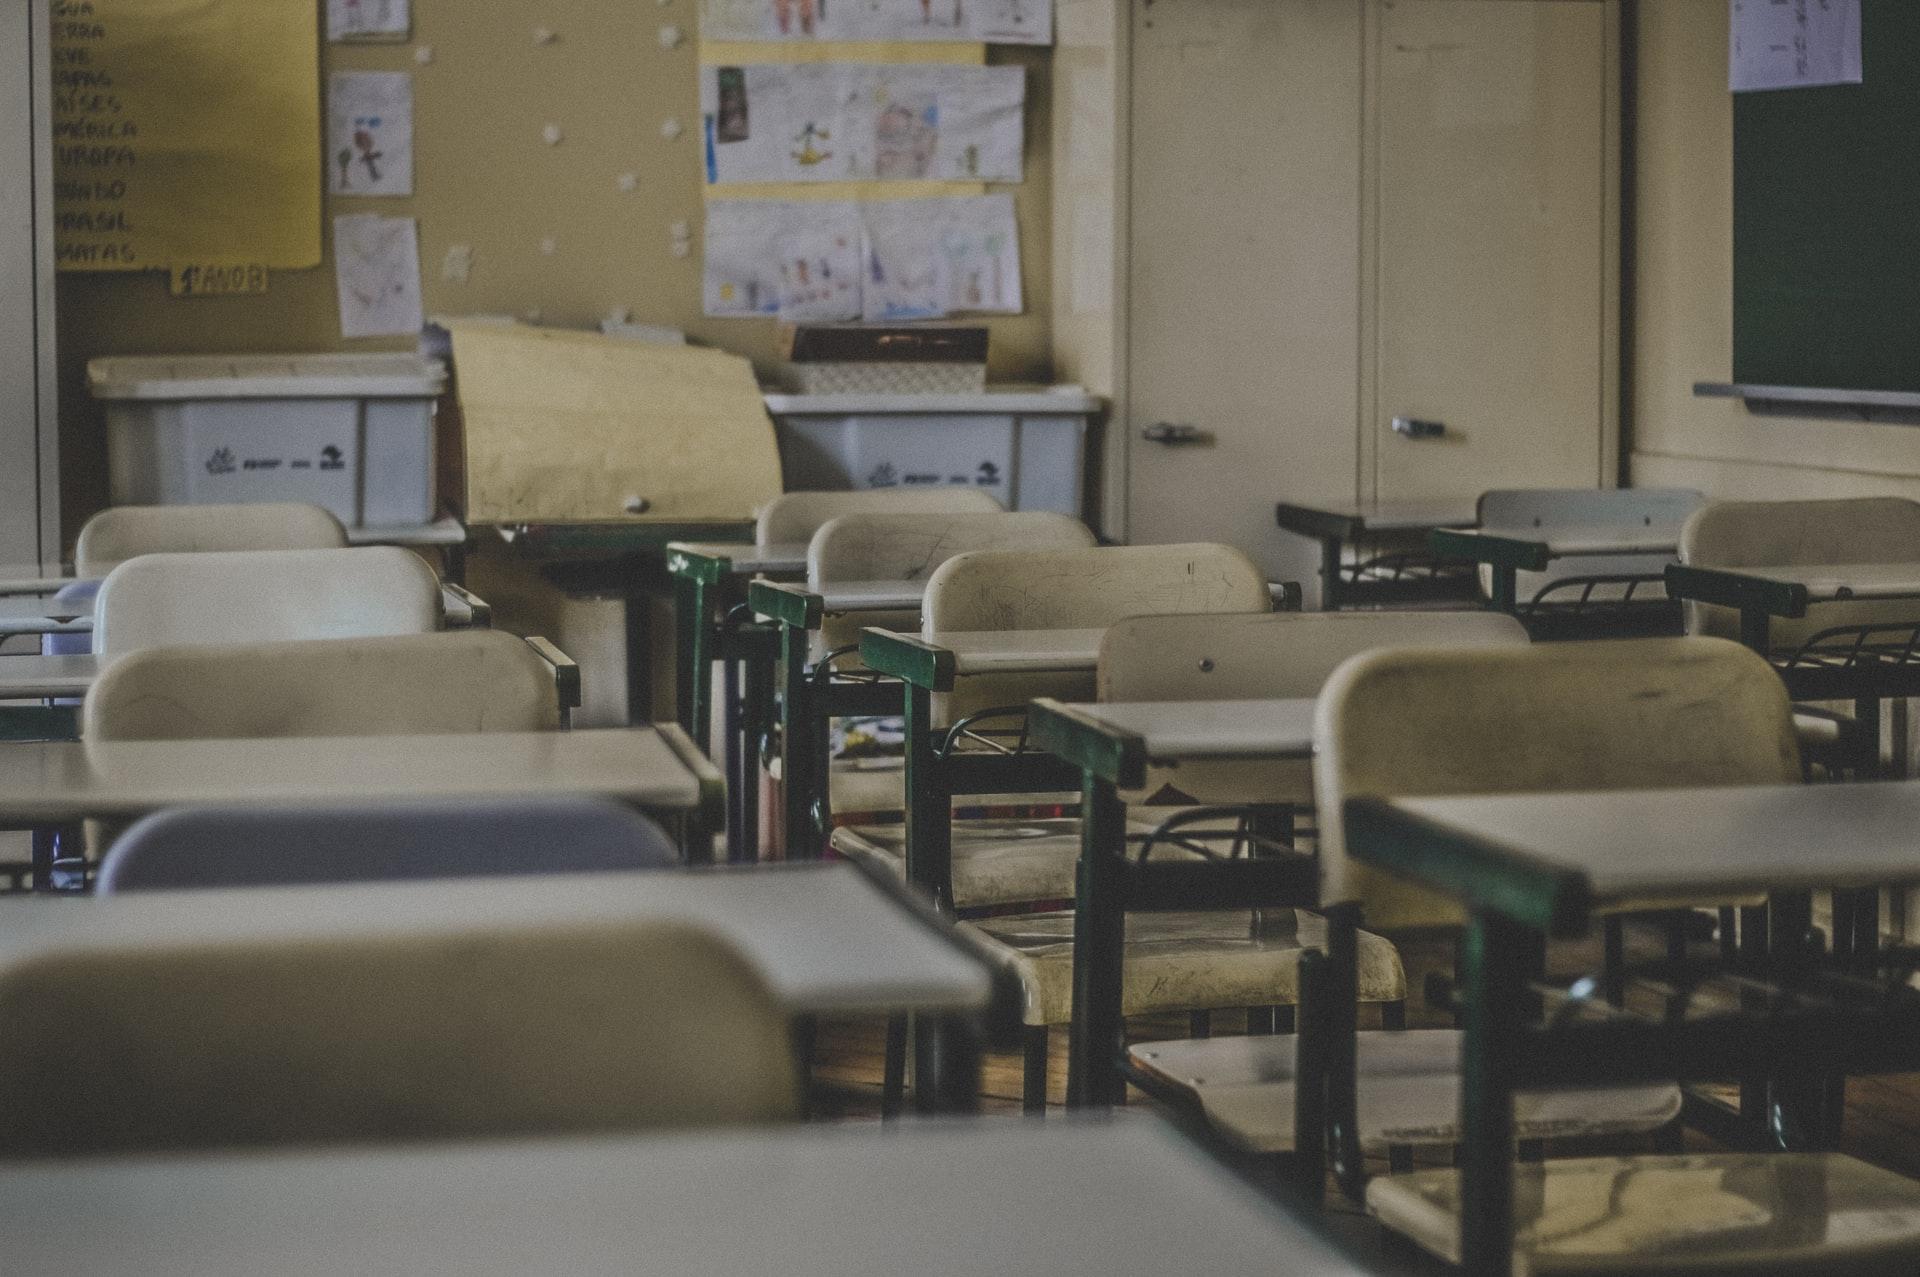 90.000 Schüler in Spanien in vorbeugender Quarantäne heißt für Mütter: Keine Hilfe, Keine Flexibilität, Keine Telearbeit, Urlaub ohne Bezahlung